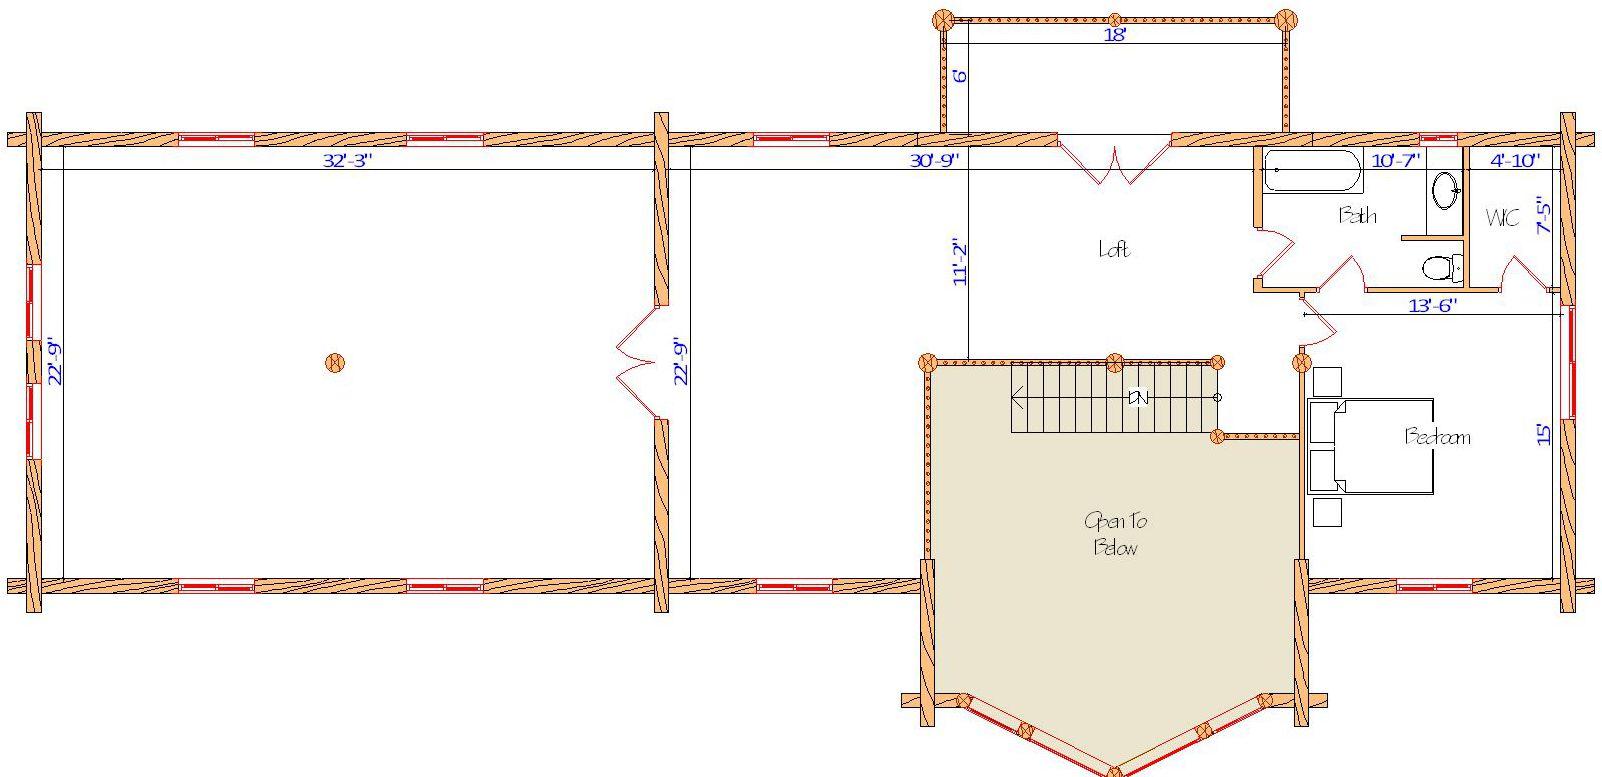 24x48 Blue Lake Main custom log home plan